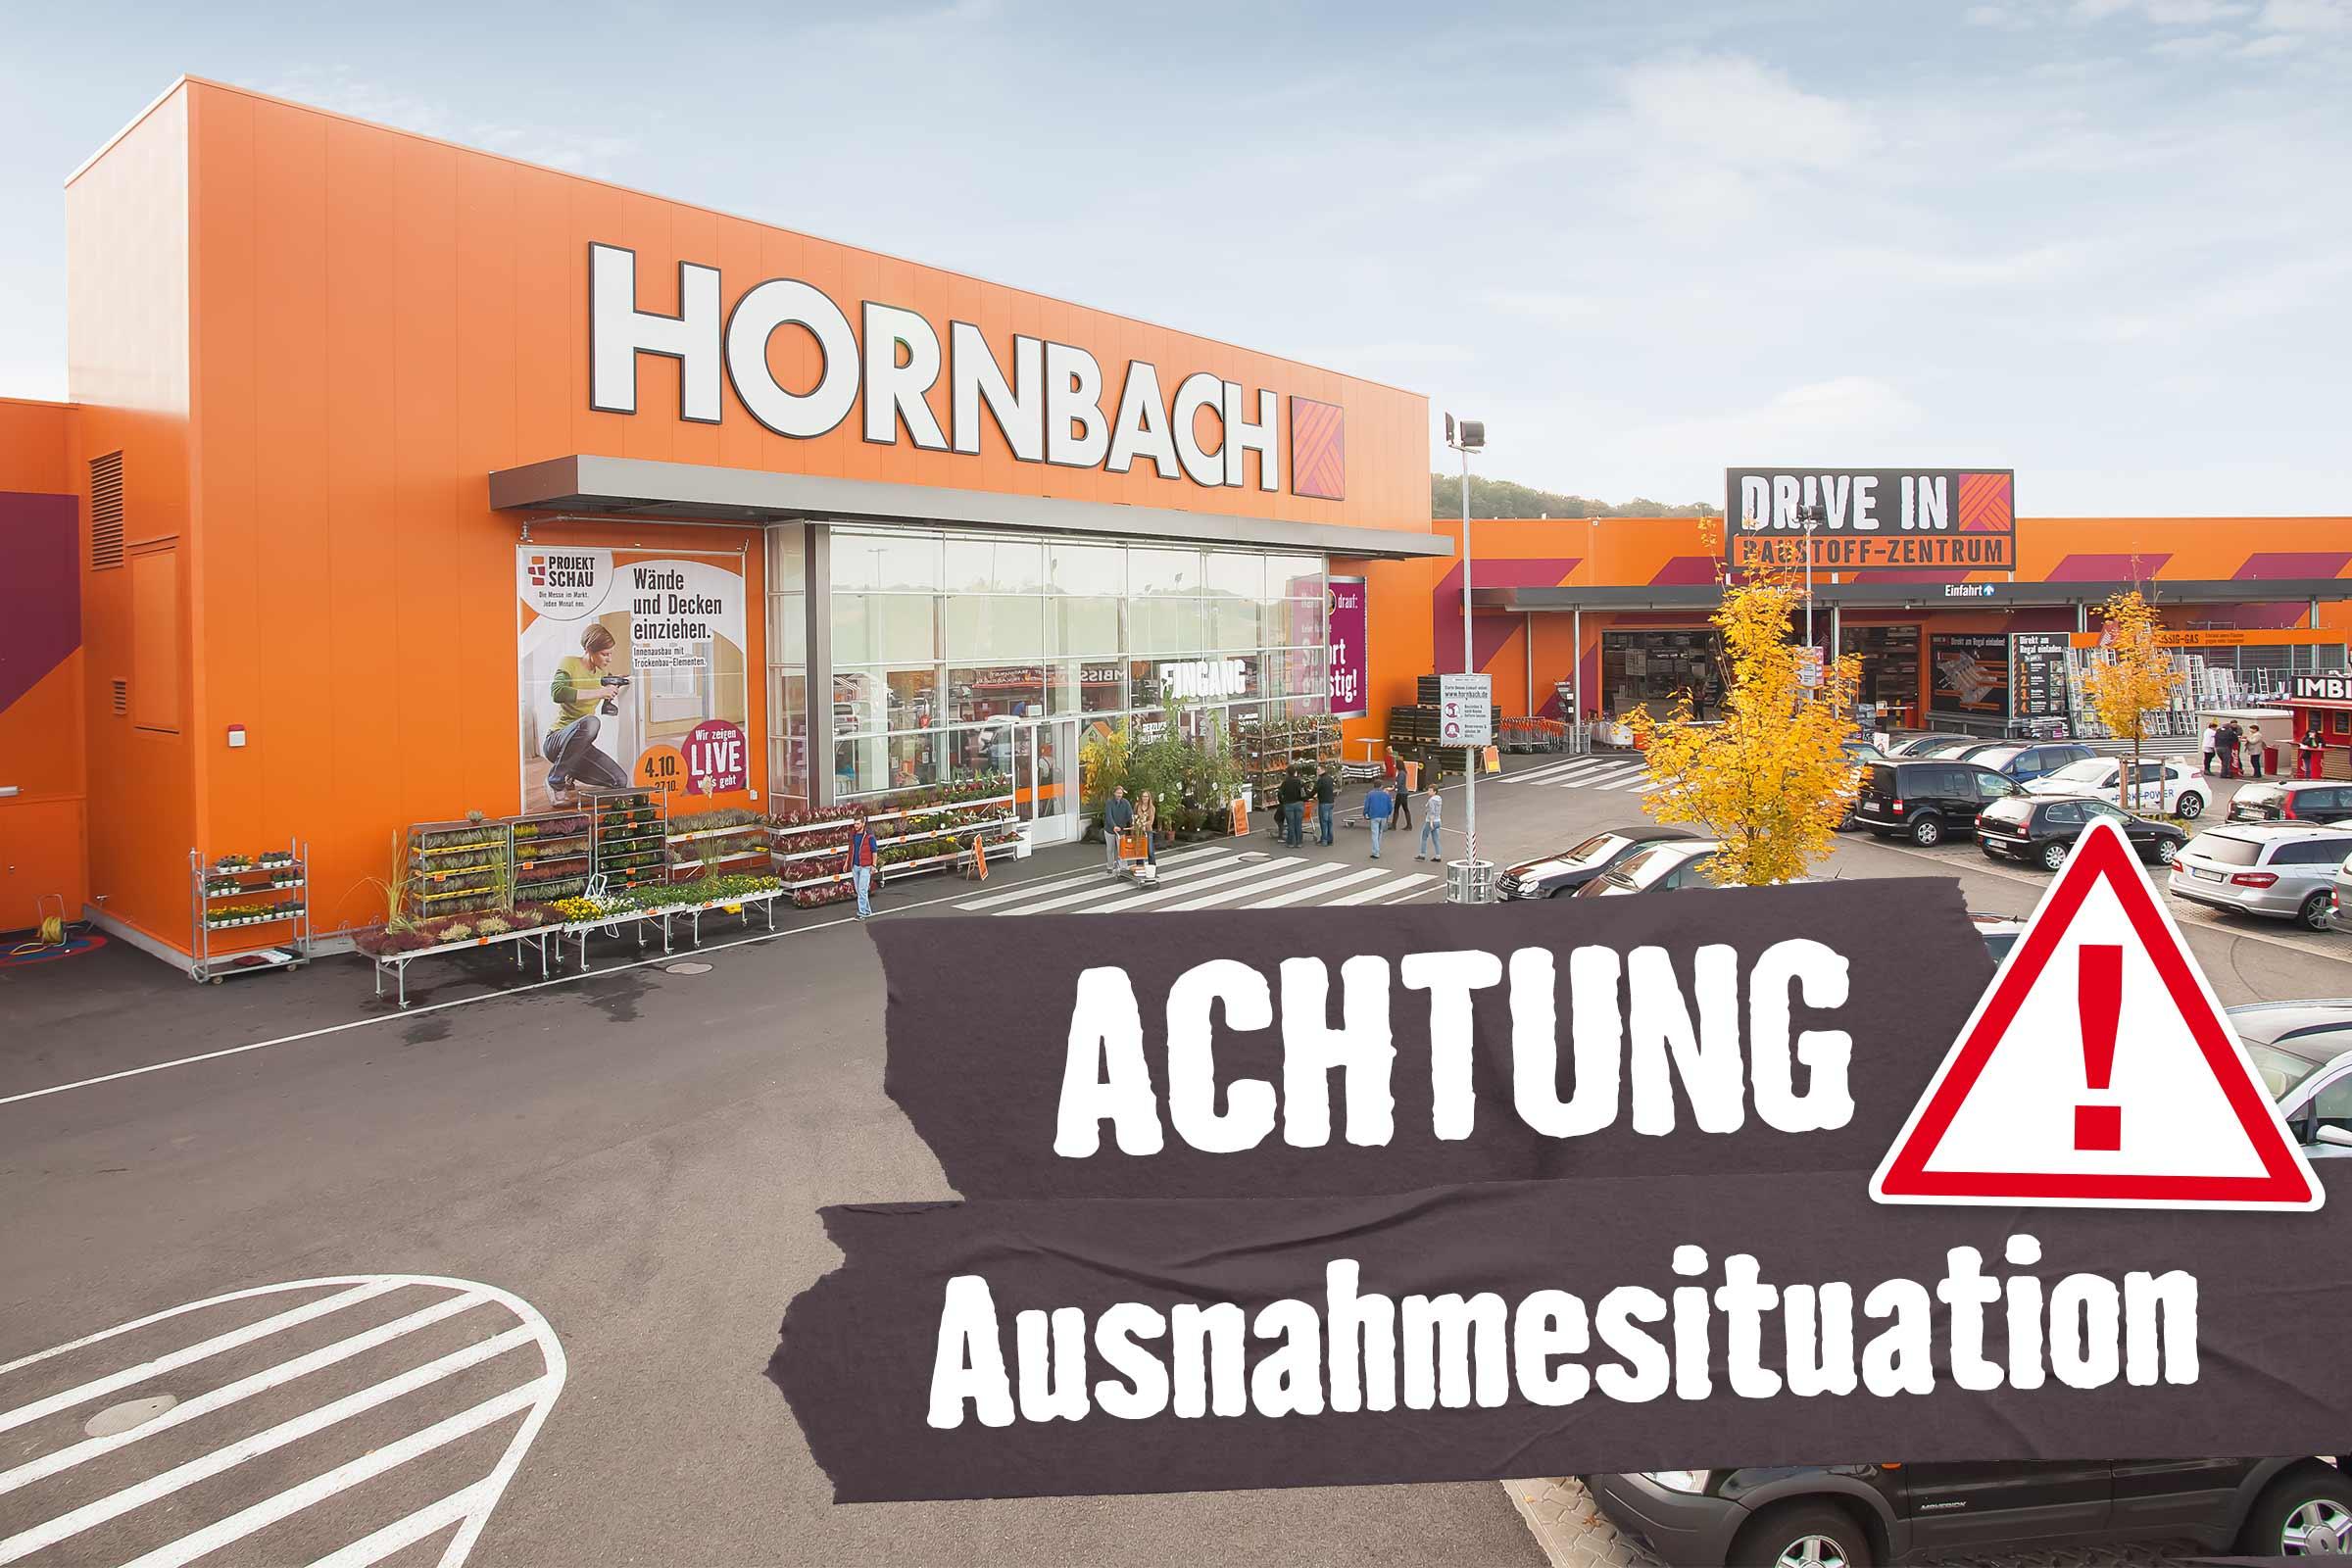 Full Size of Bauhaus Gartenbrunnen Hornbach Dortmund Ihr Baumarkt Gartenmarkt Fenster Wohnzimmer Bauhaus Gartenbrunnen